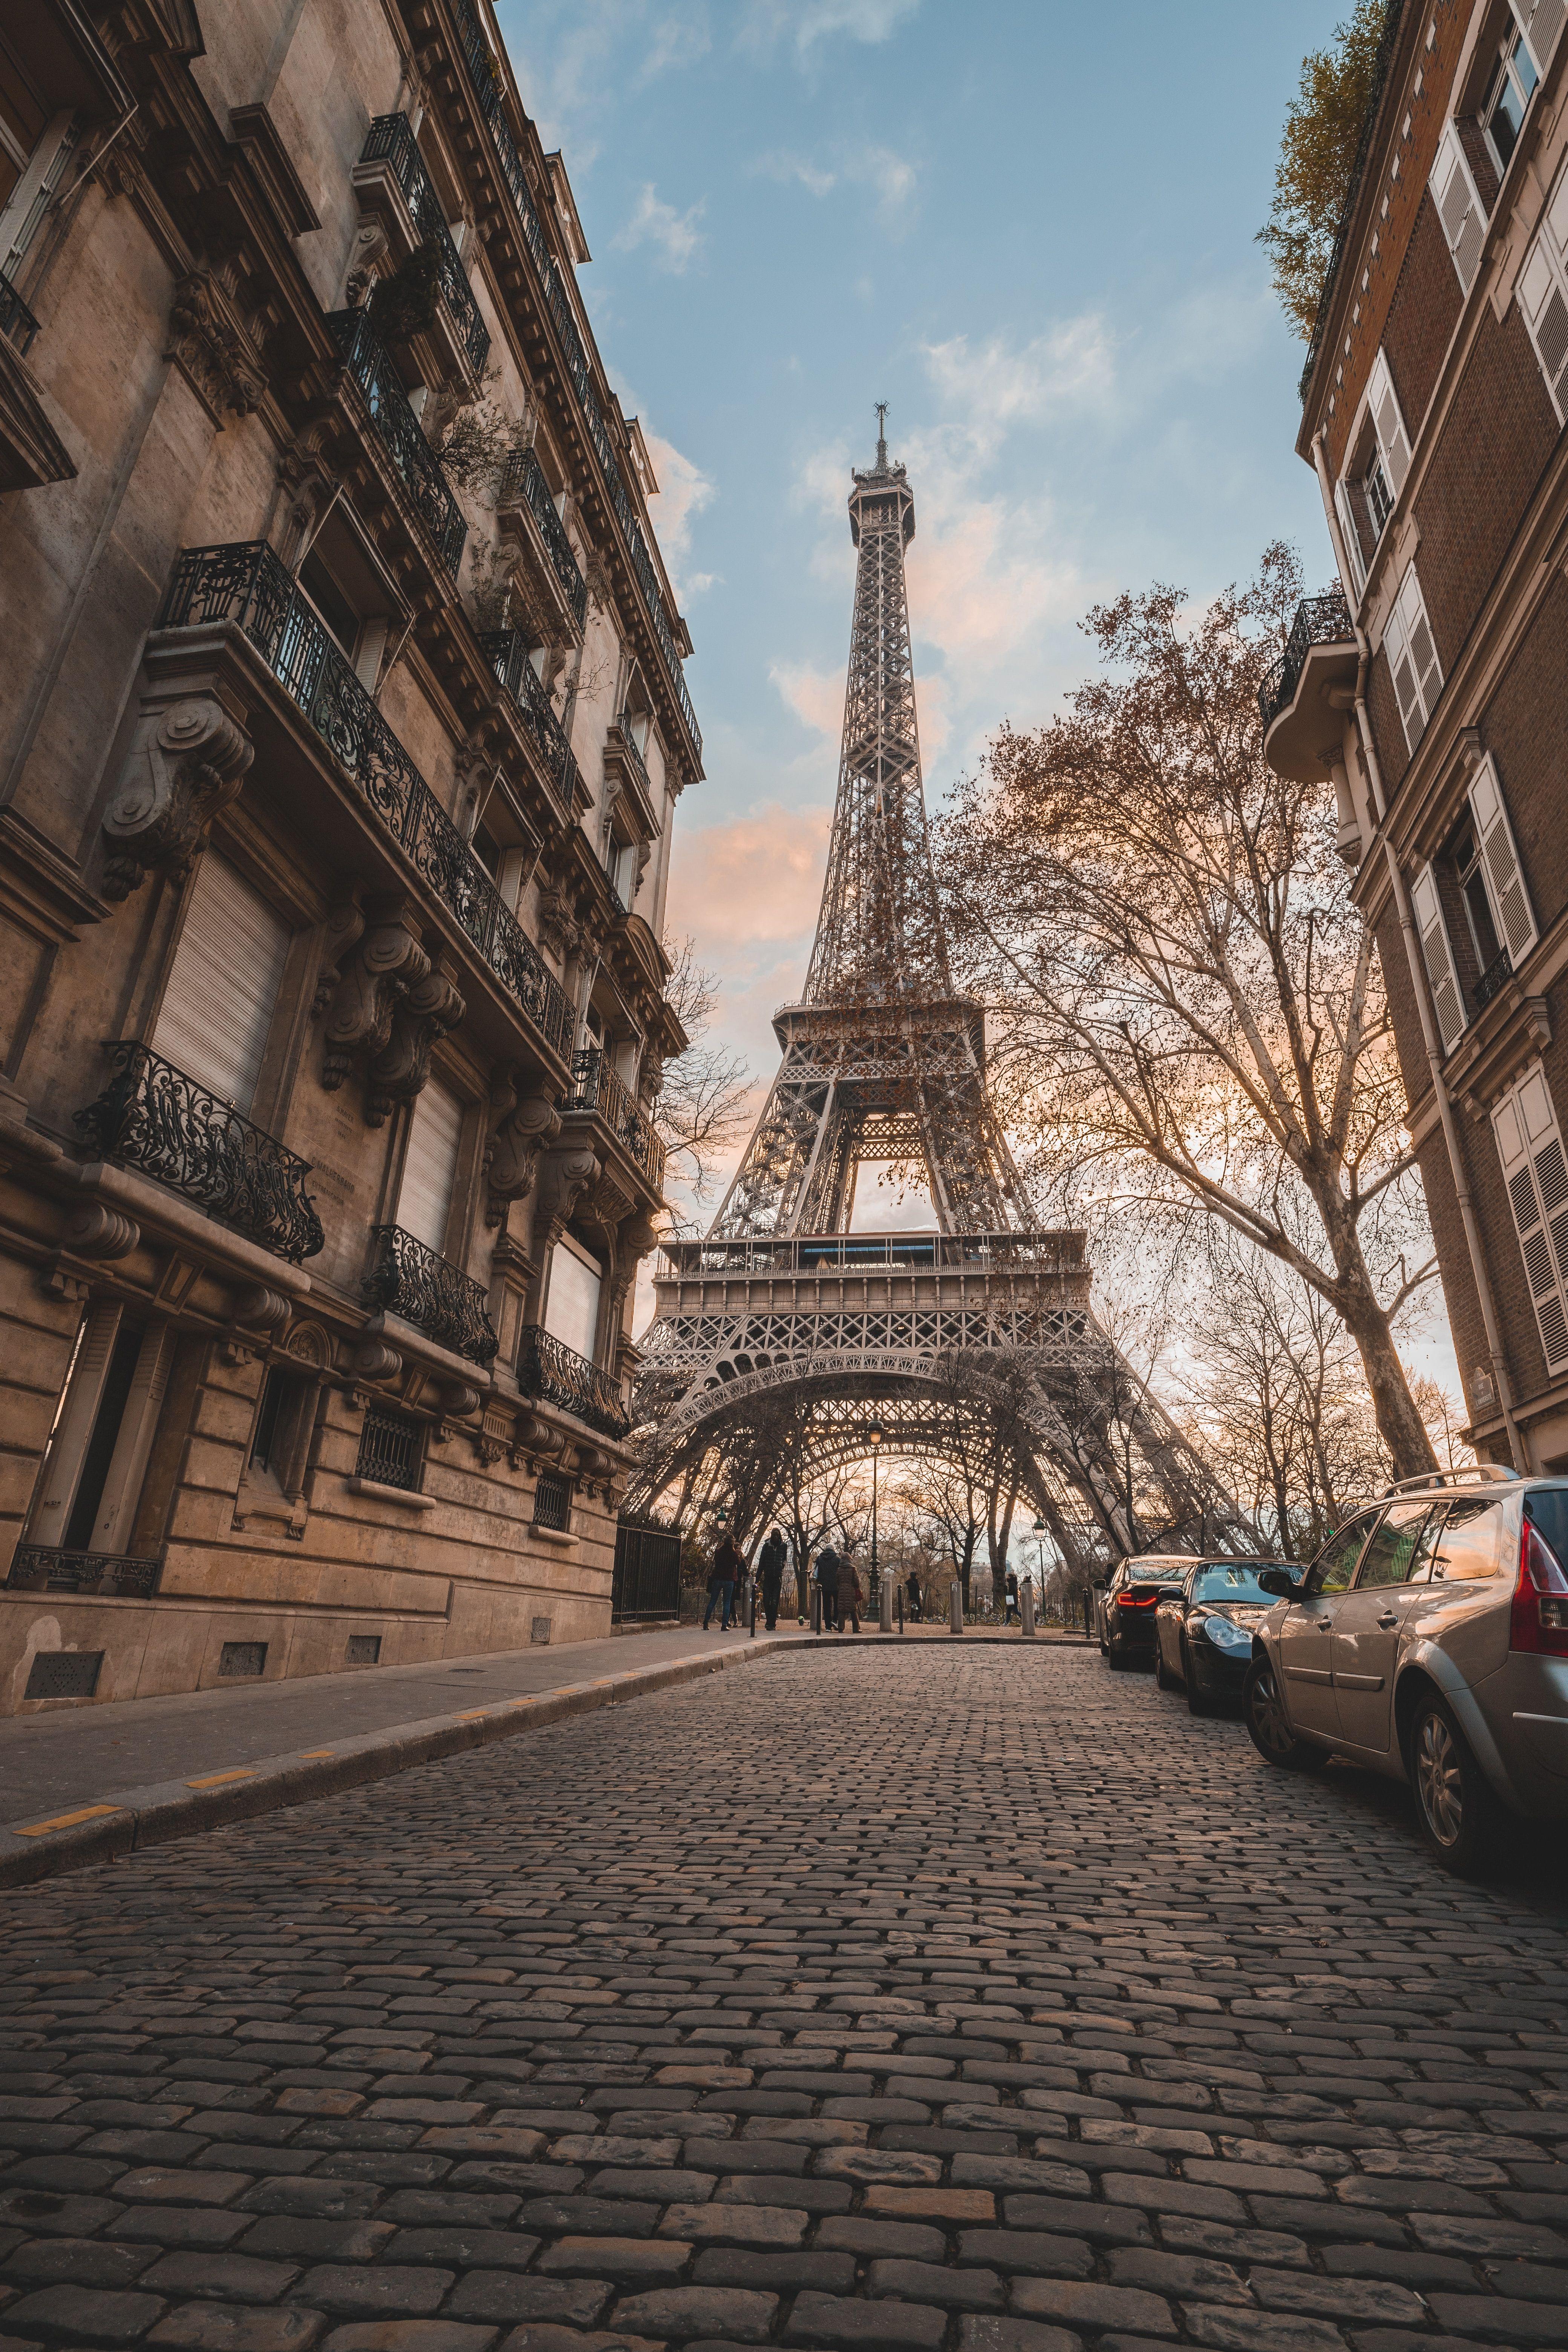 PARÍS en 3 días: qué visitar, ver y hacer (2020)